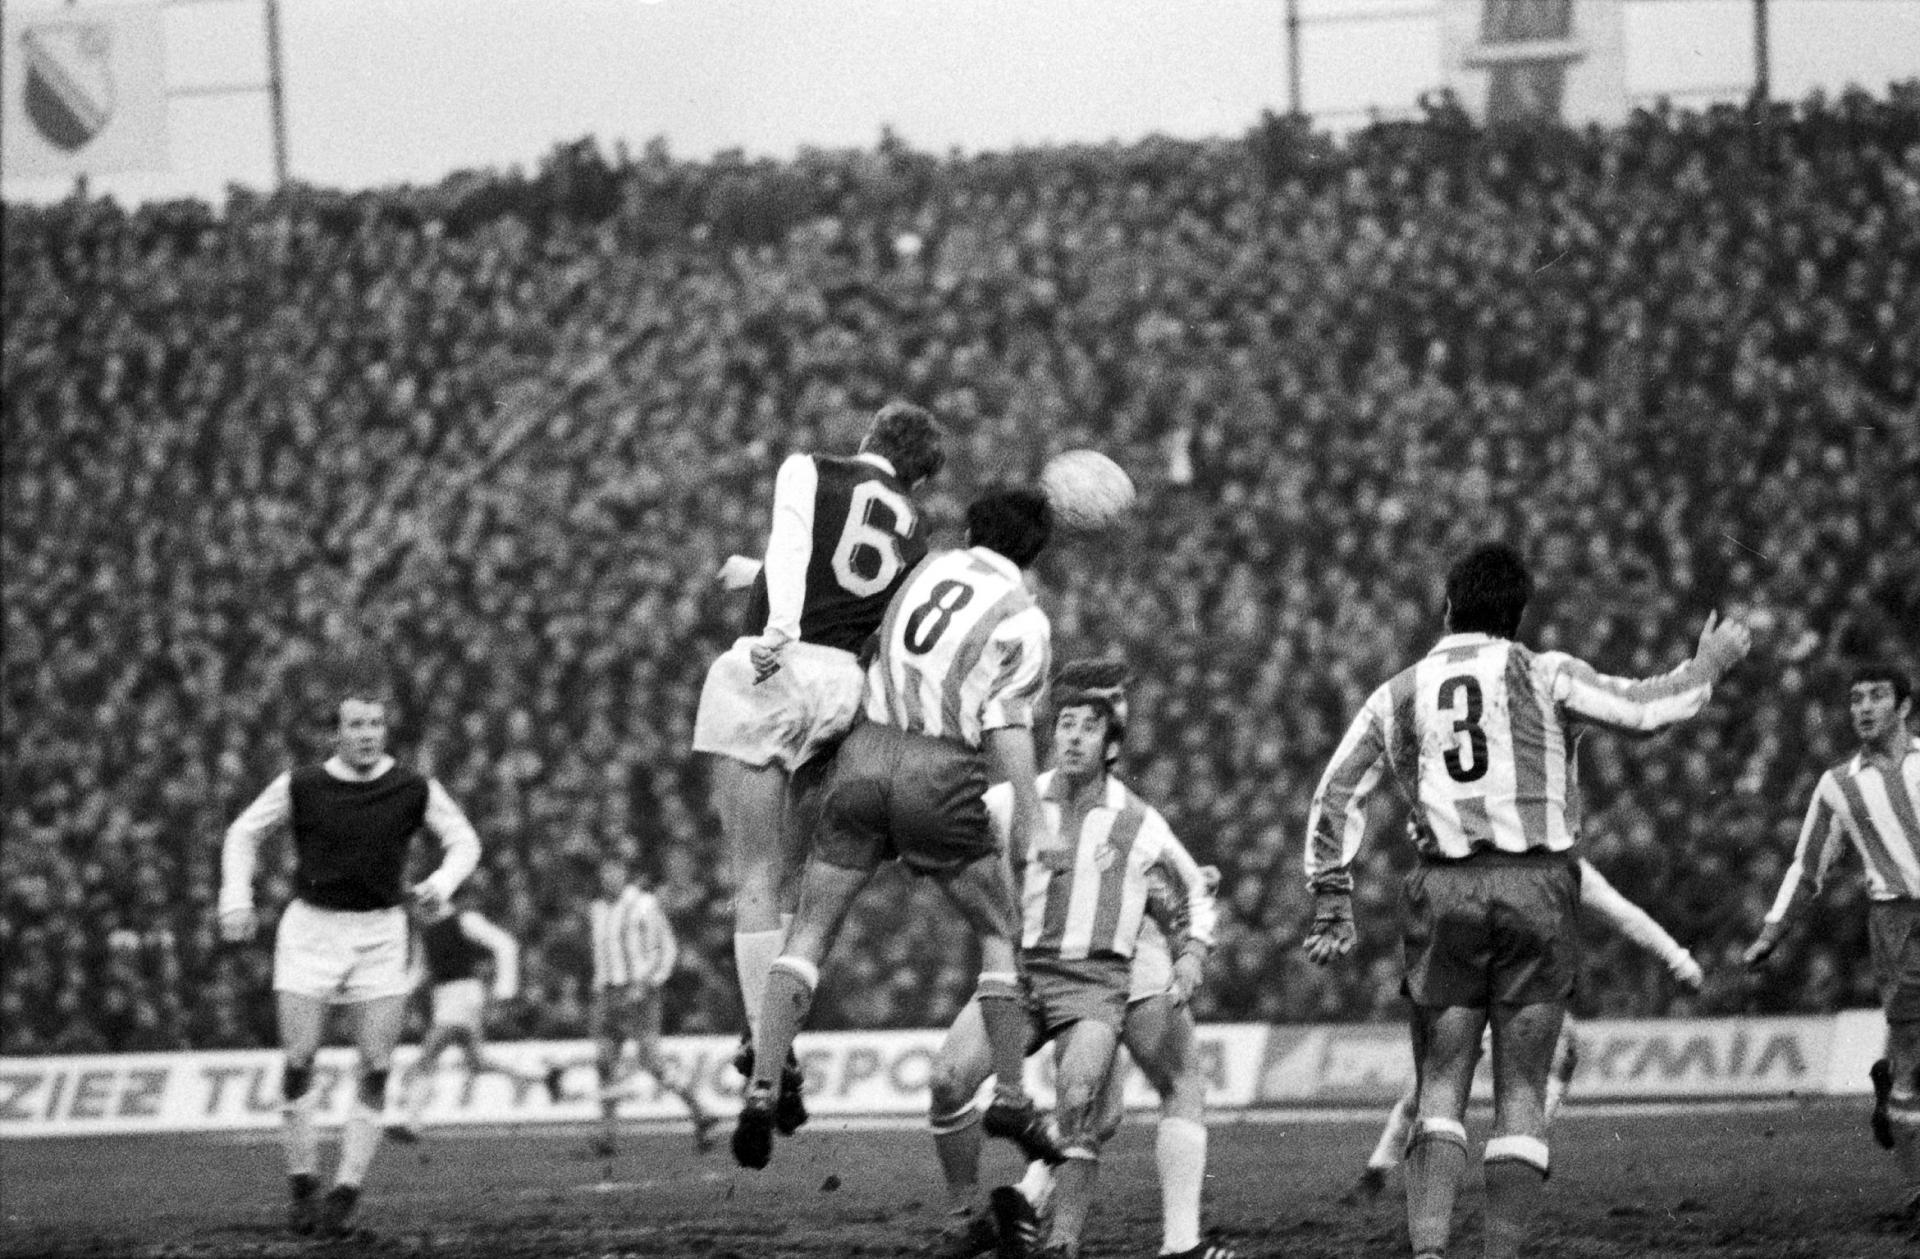 Atlético Madryt - Legia Warszawa 1:0 (10.03.1971)